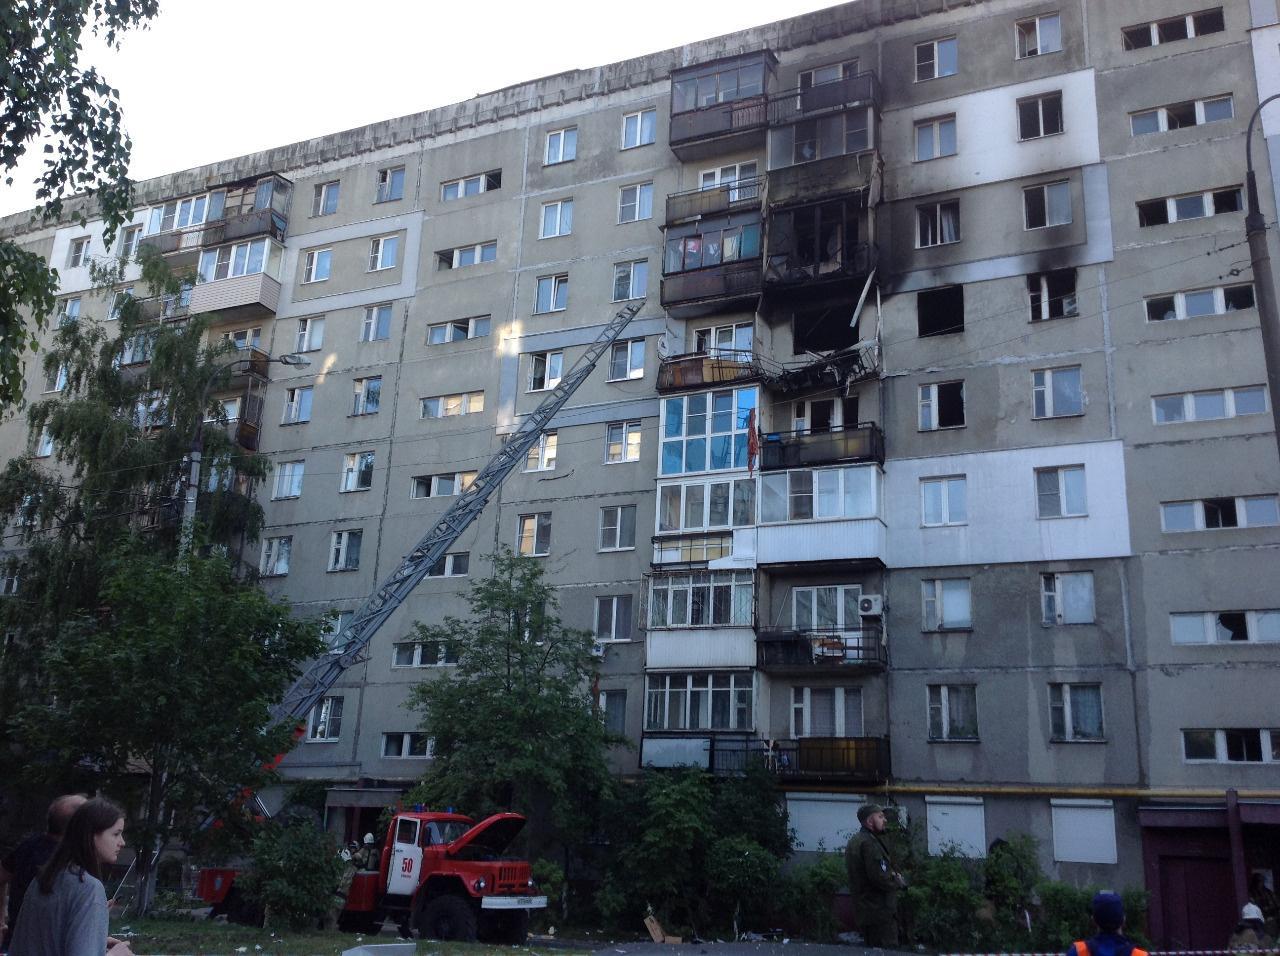 СКР возбудил уголовное дело по факту взрыва газа в жилом доме в Нижнем Новгороде